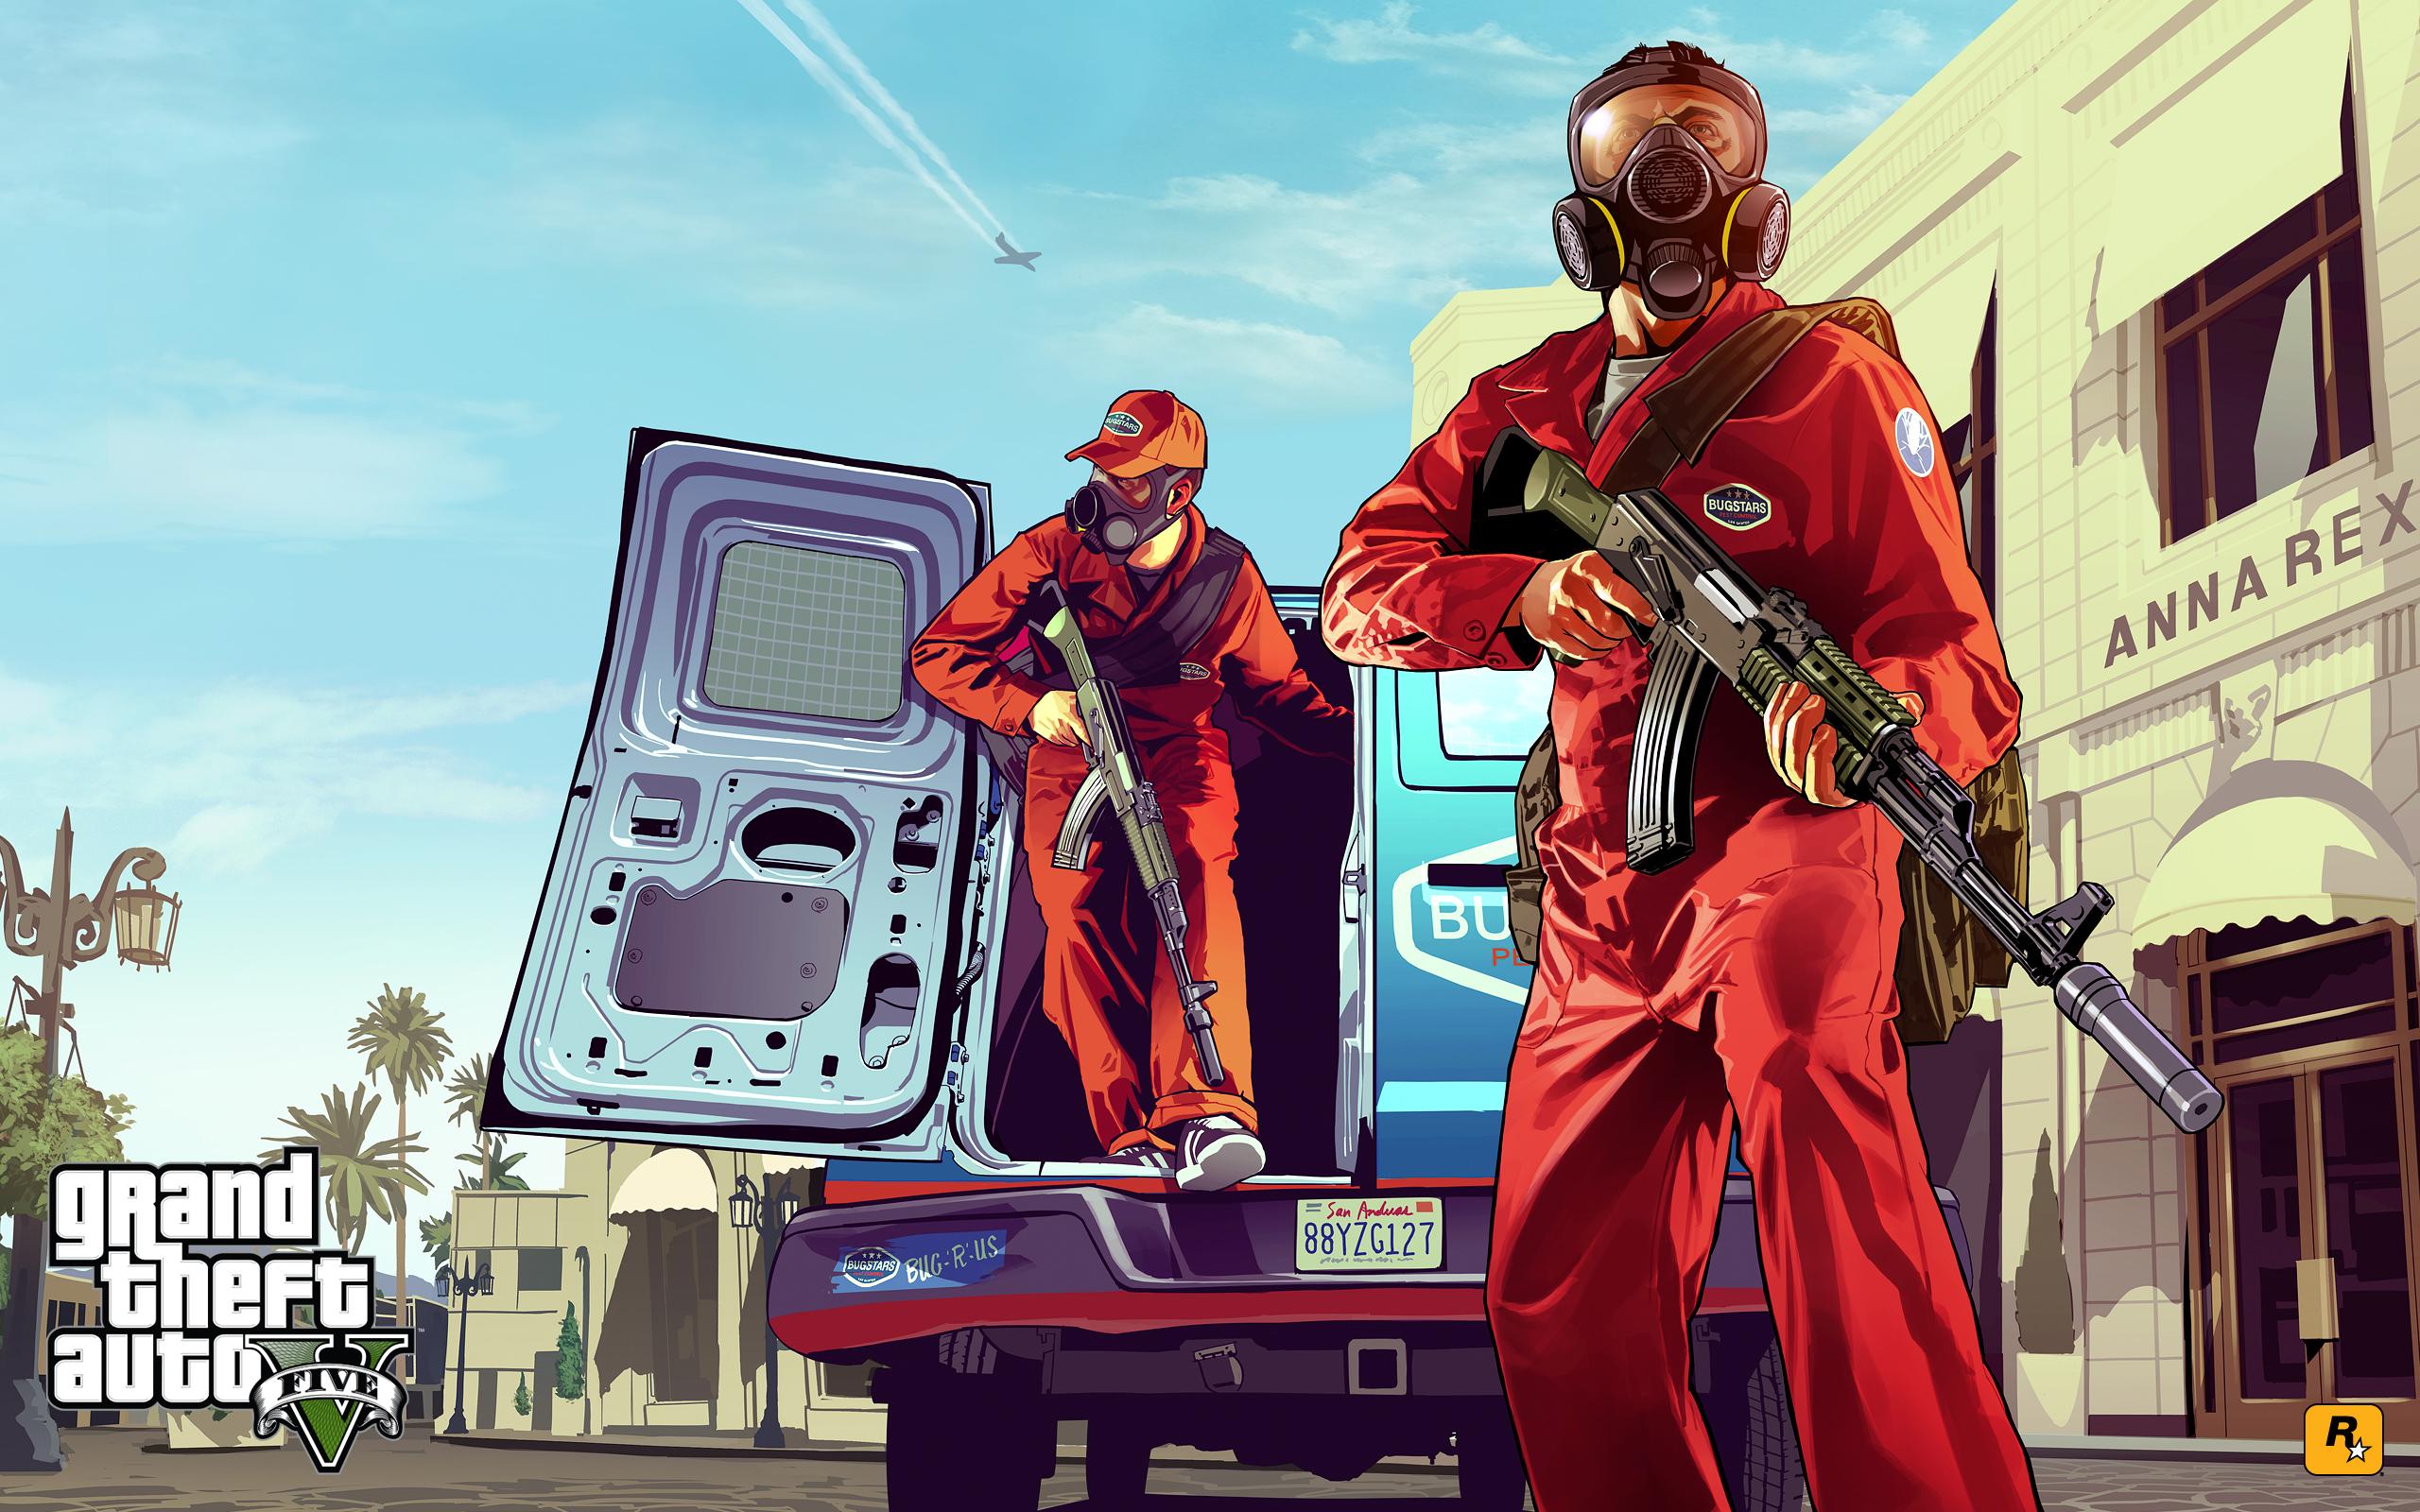 Artworks in GTA V